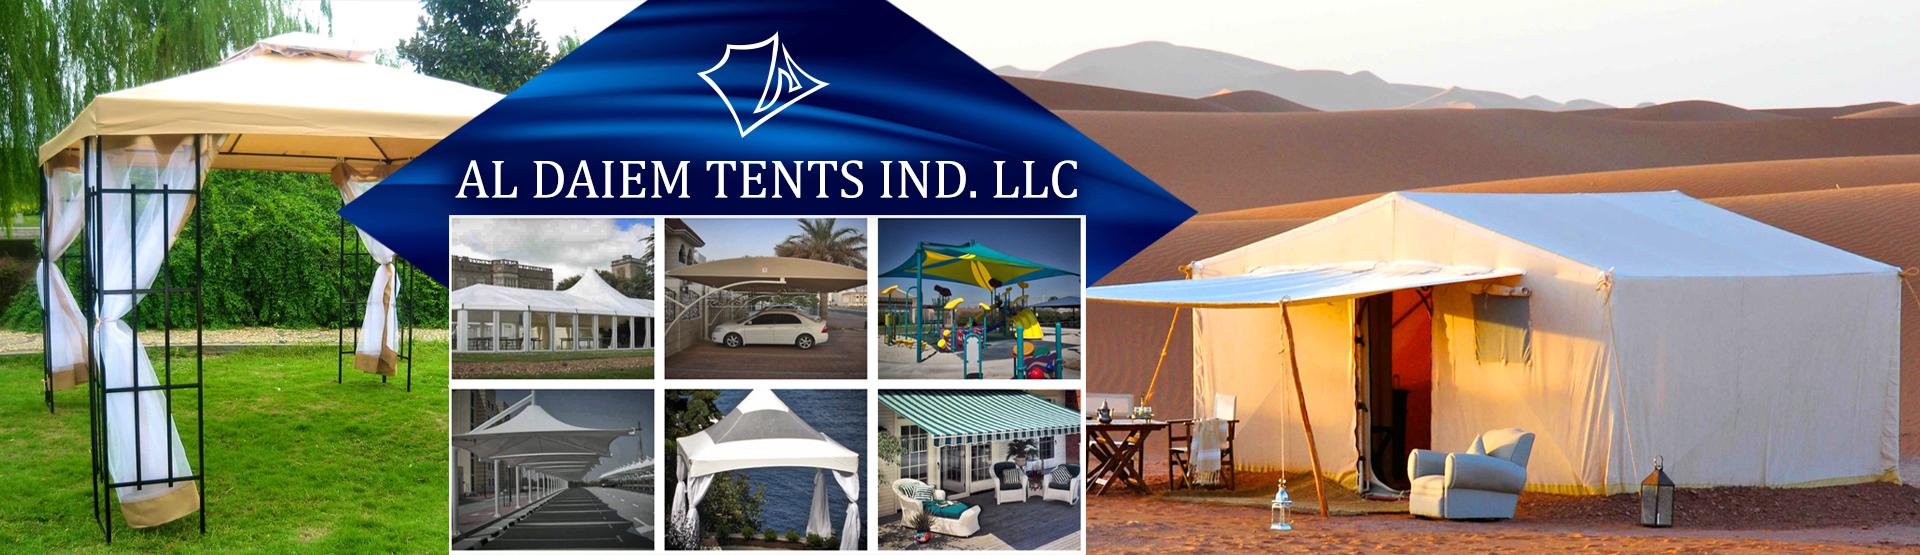 AL DAIEM TENTS IND. LLC